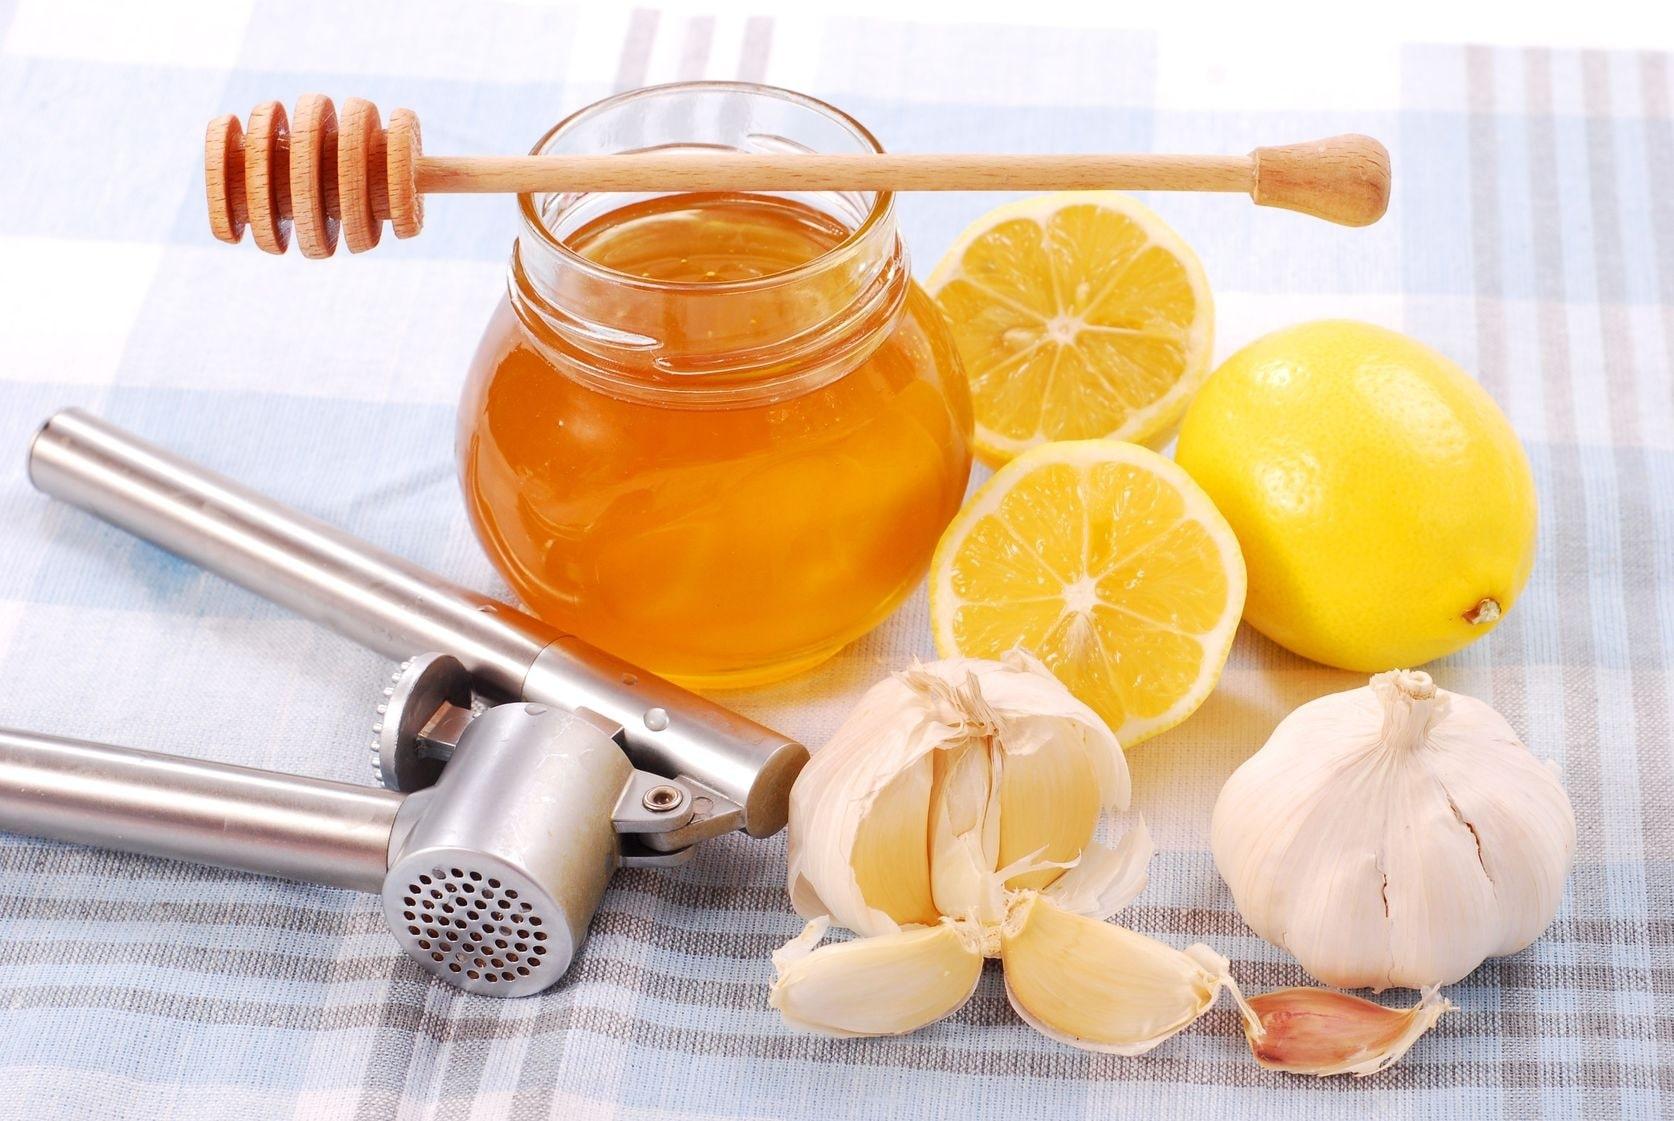 Як лікувати застуду в домашніх умовах